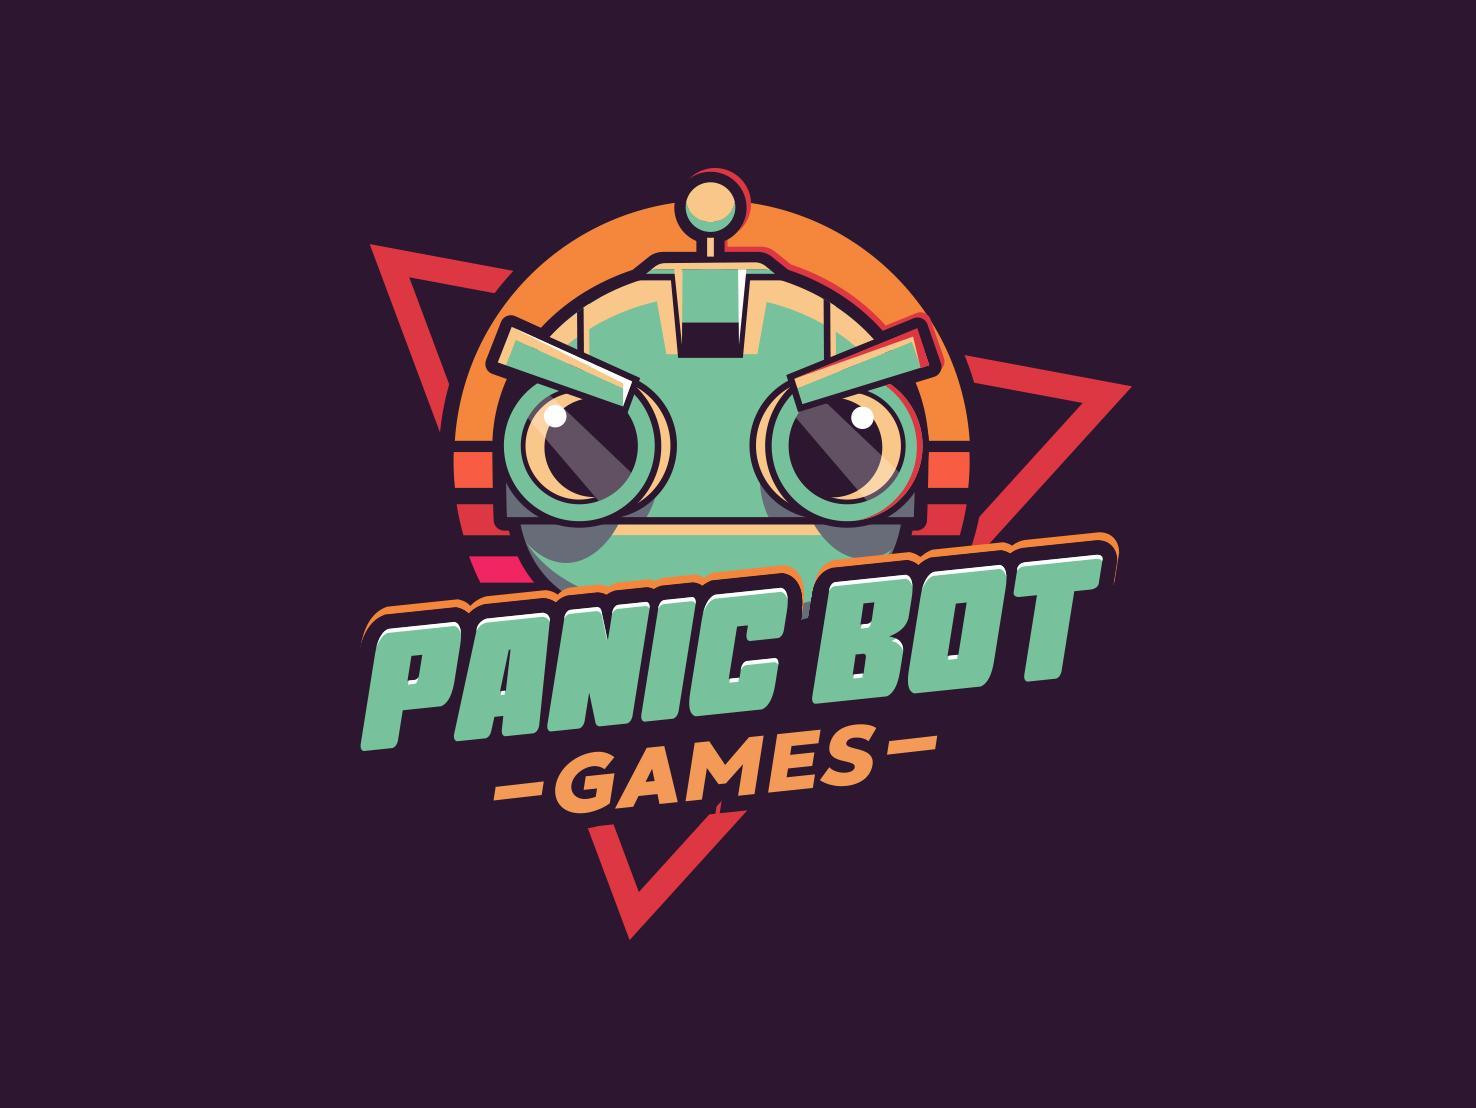 Panic bot